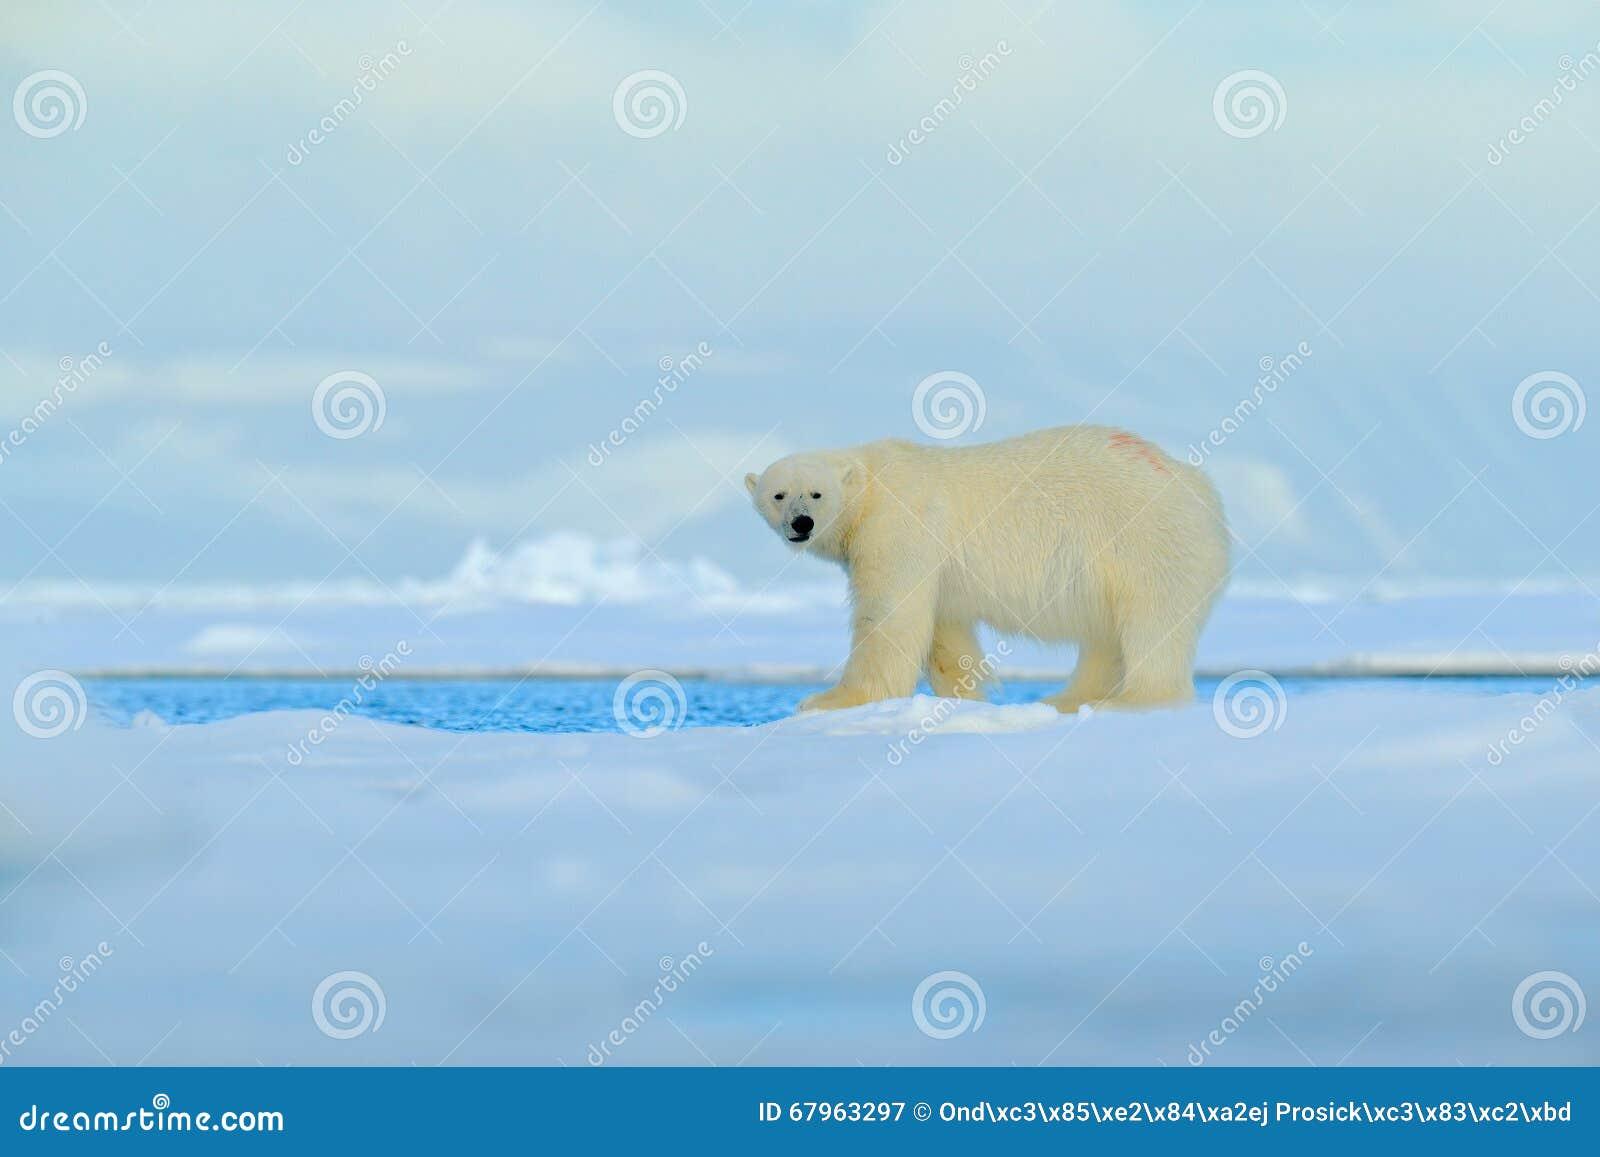 Grandi polari riguardano il bordo del ghiaccio galleggiante con neve un acqua nelle Svalbard artiche, il grande animale bianco ne